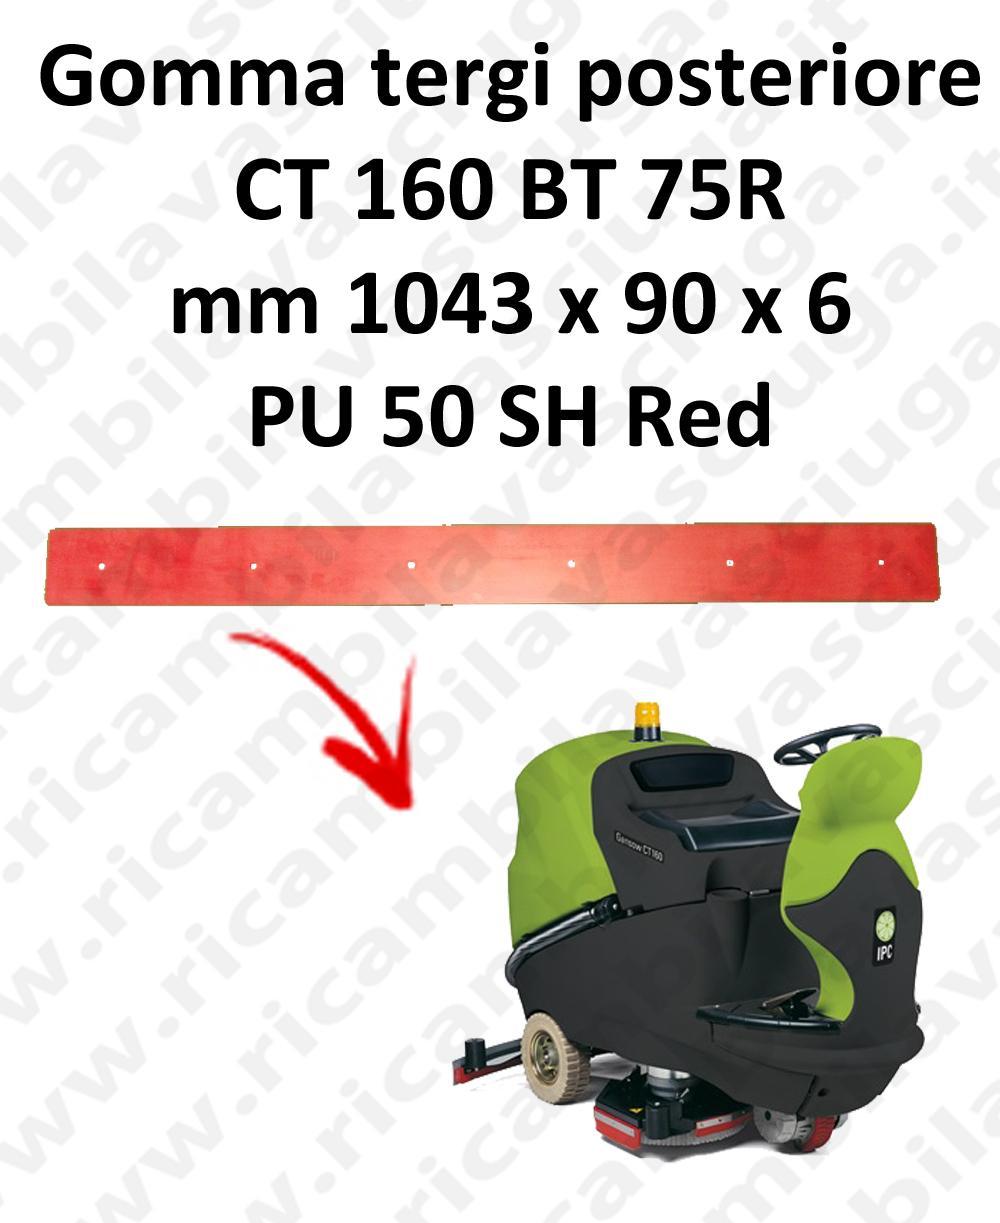 CT 160 BT 75R BAVETTE ARRIERE pour autolaveuses IPC